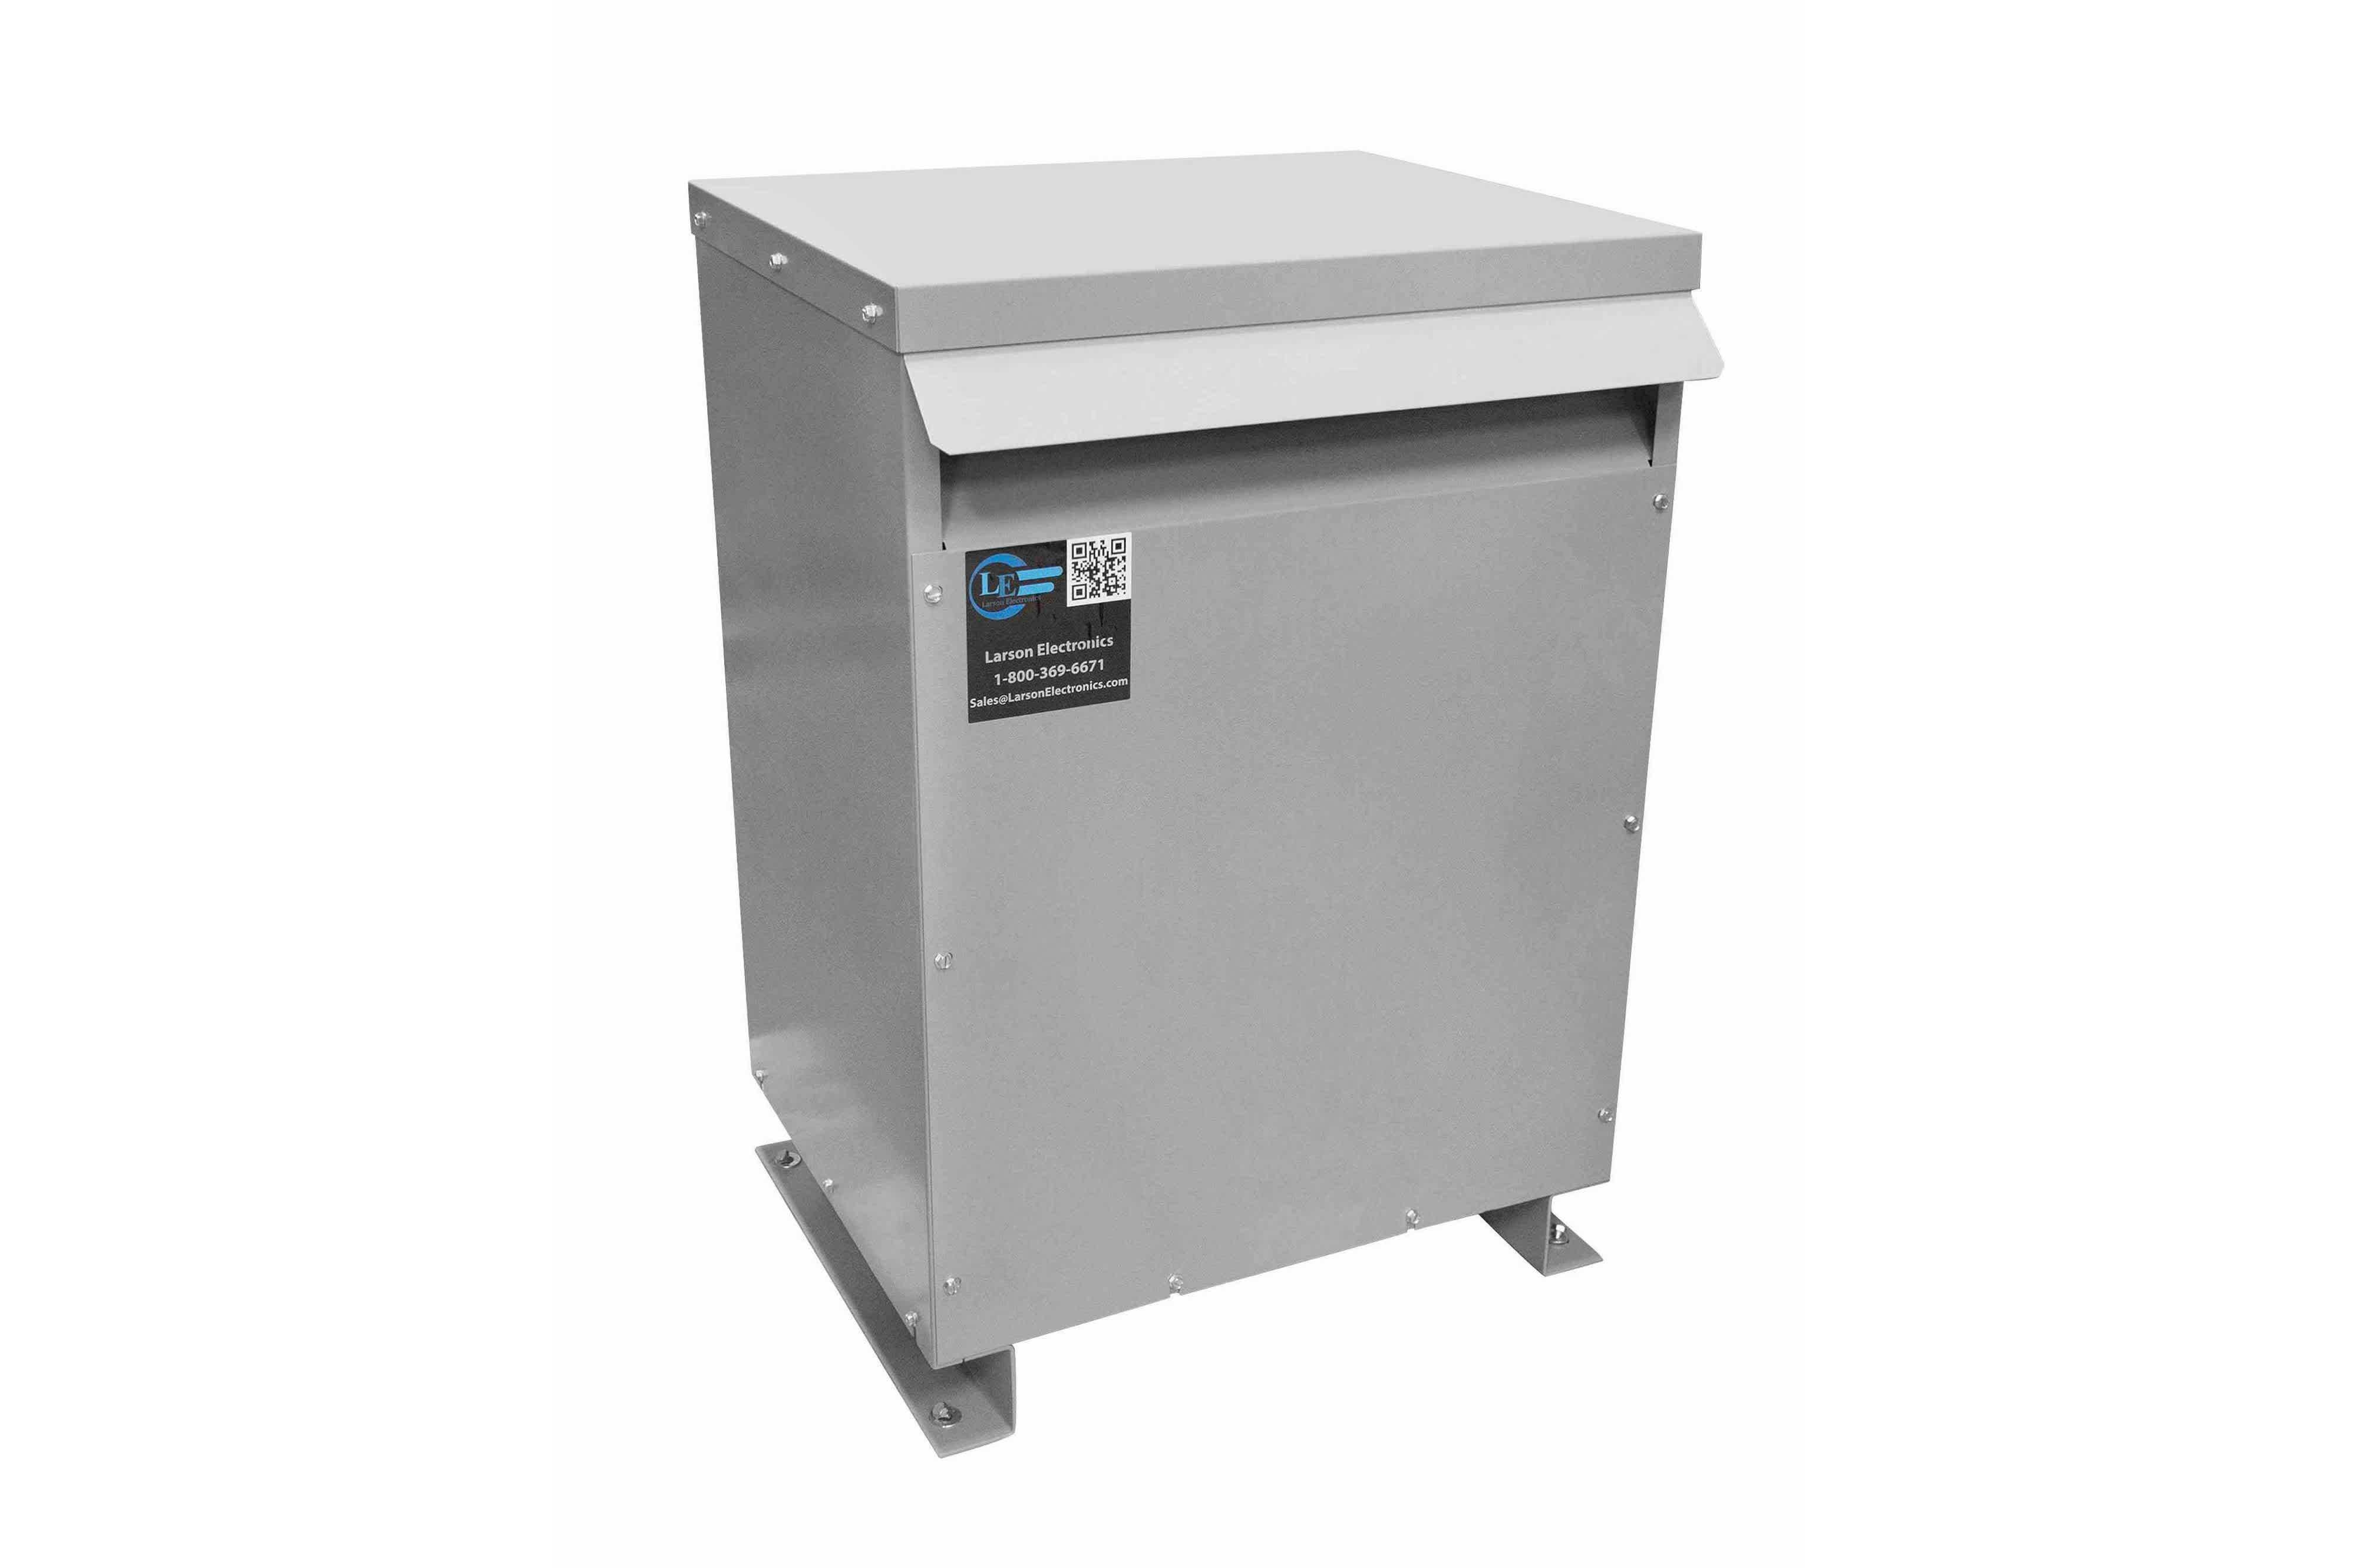 50 kVA 3PH Isolation Transformer, 460V Delta Primary, 575V Delta Secondary, N3R, Ventilated, 60 Hz